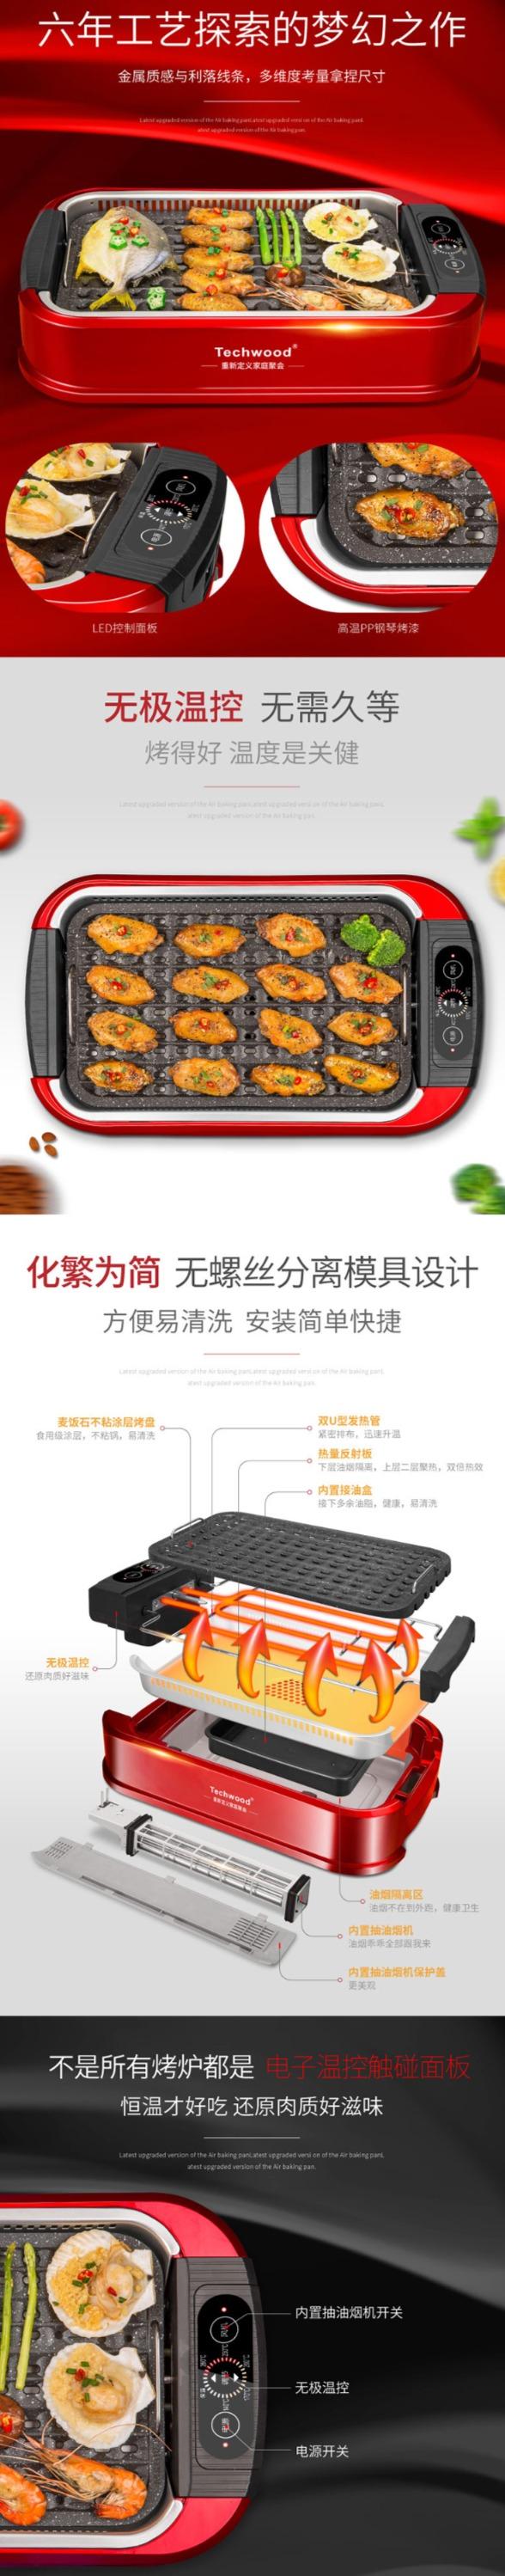 Techwood 1500W 升级版 家用无烟 麦饭石烤盘 电烧烤炉 136.98-139.98加元包邮!自带油烟过滤系统!2色可选!